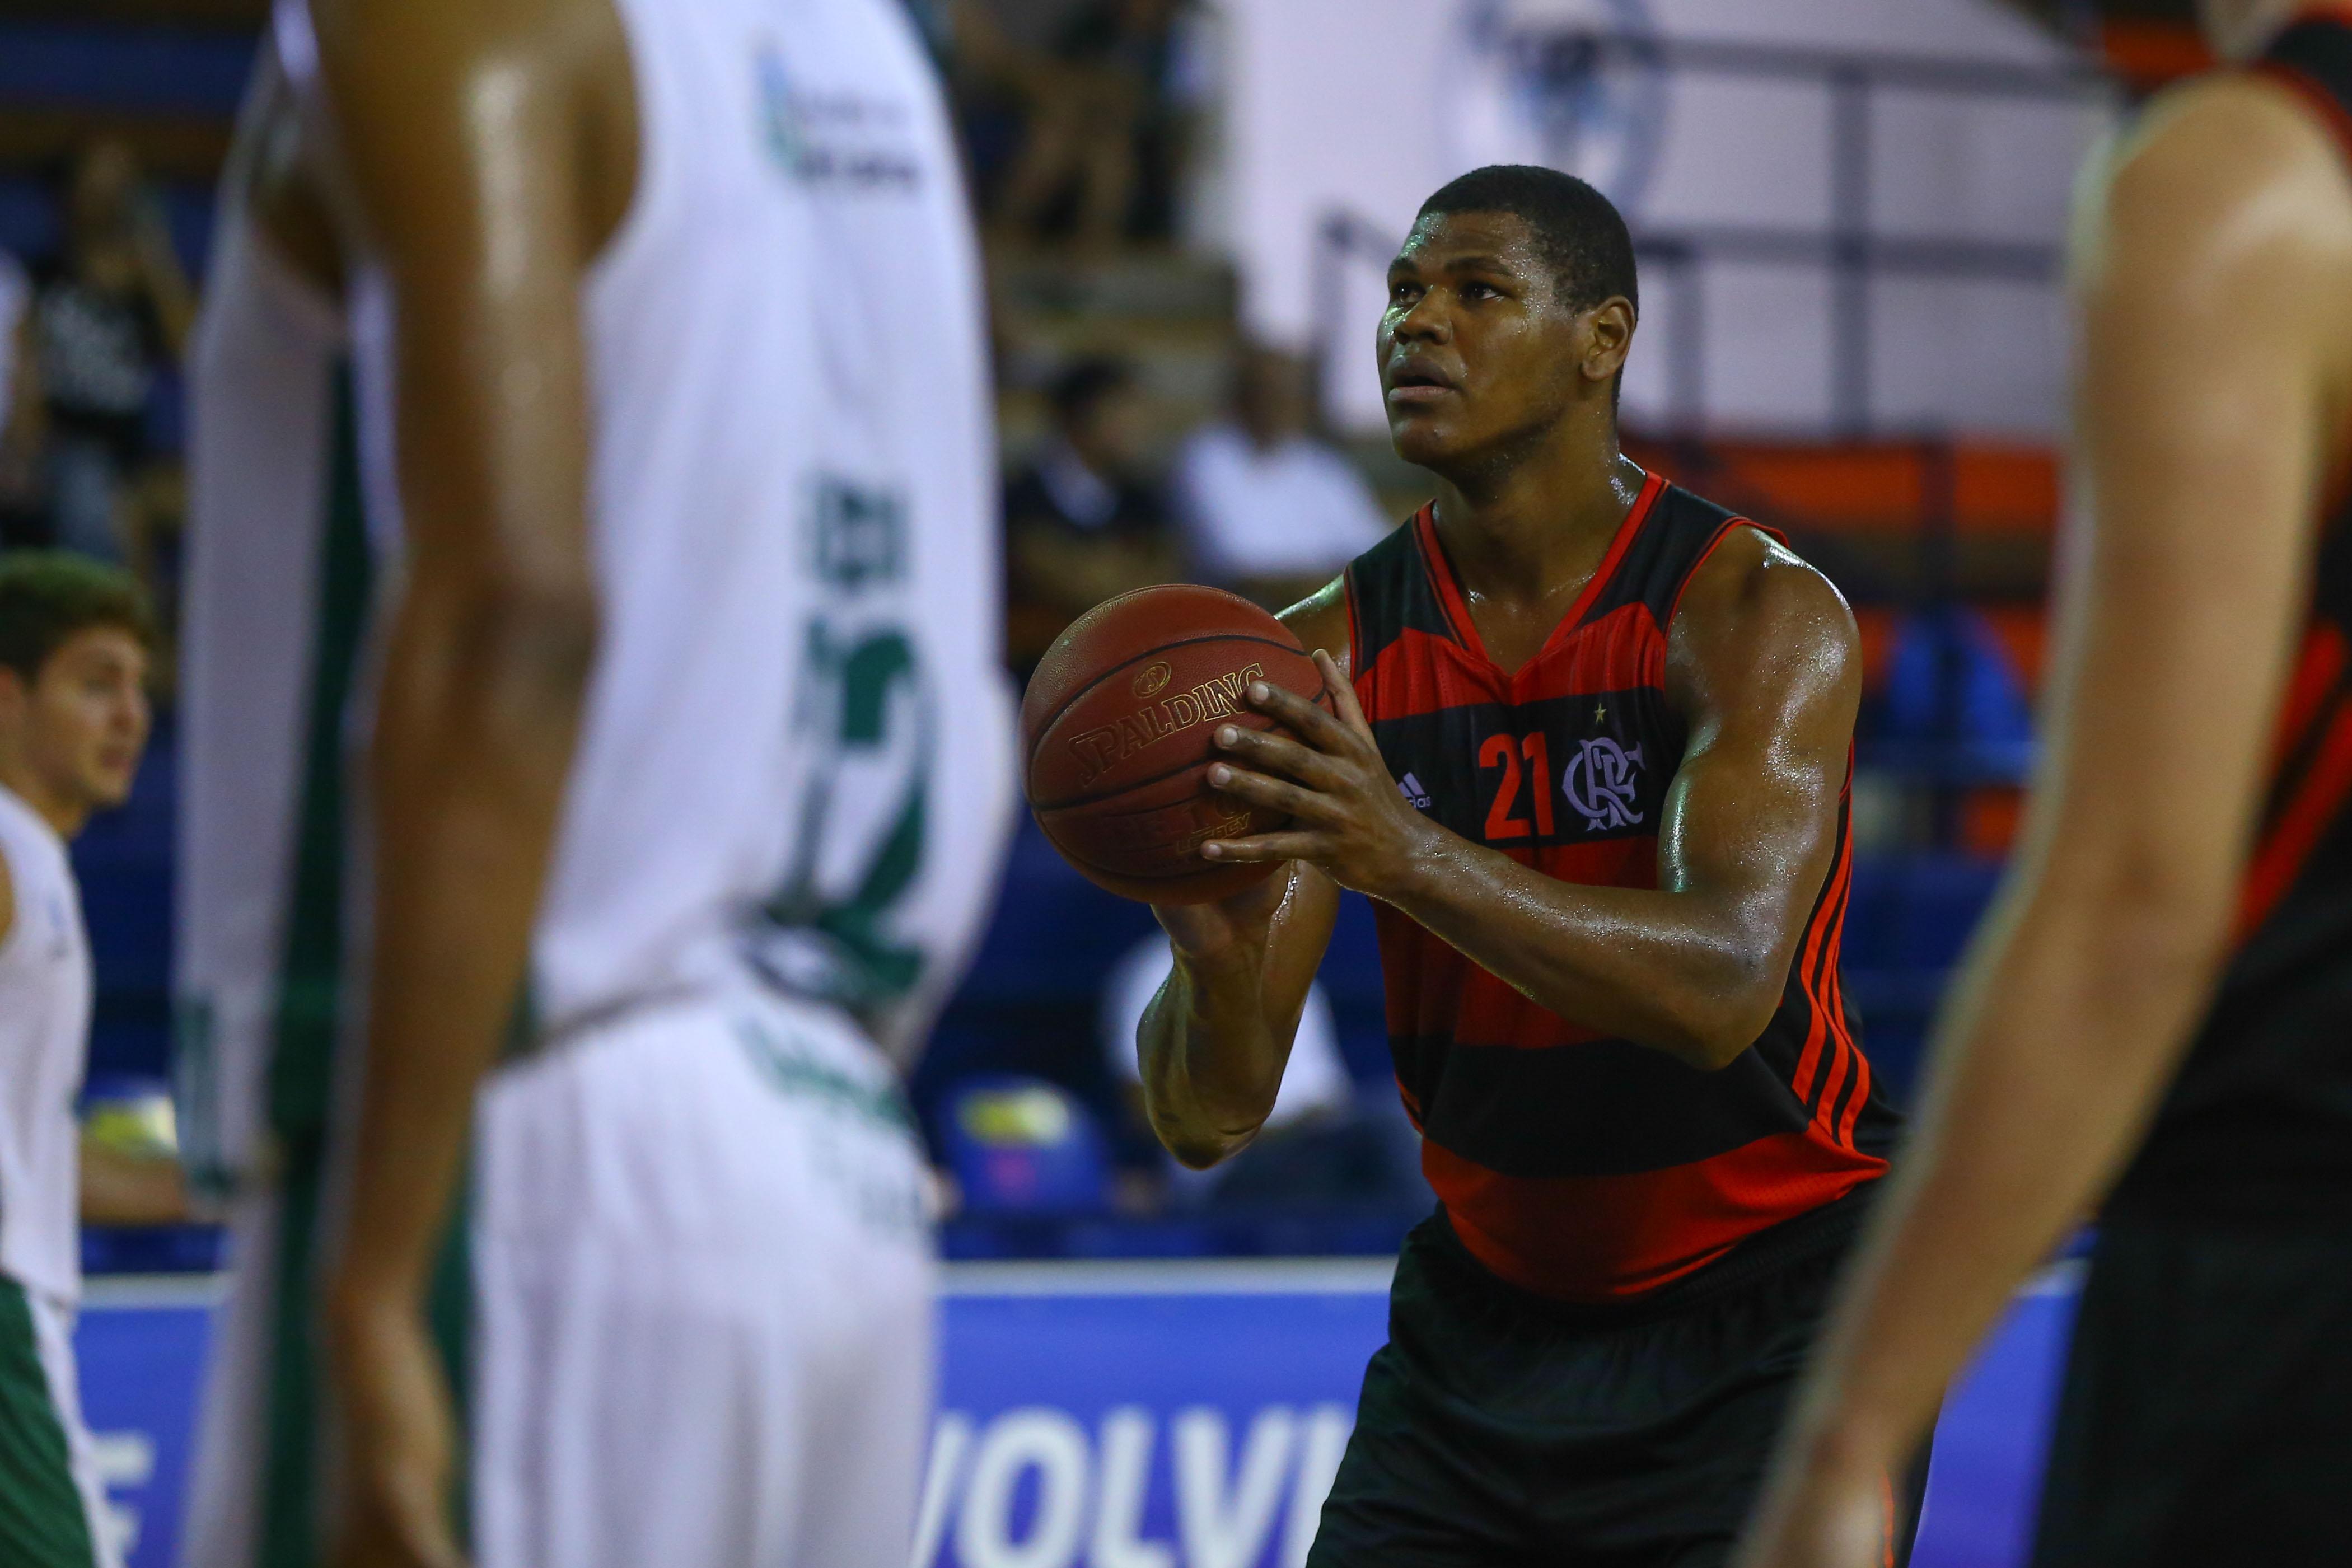 Agora na NBA, Felício viveu grandes momentos nas quadras da LDB em anos anteriores (Luiz Pires/LNB)